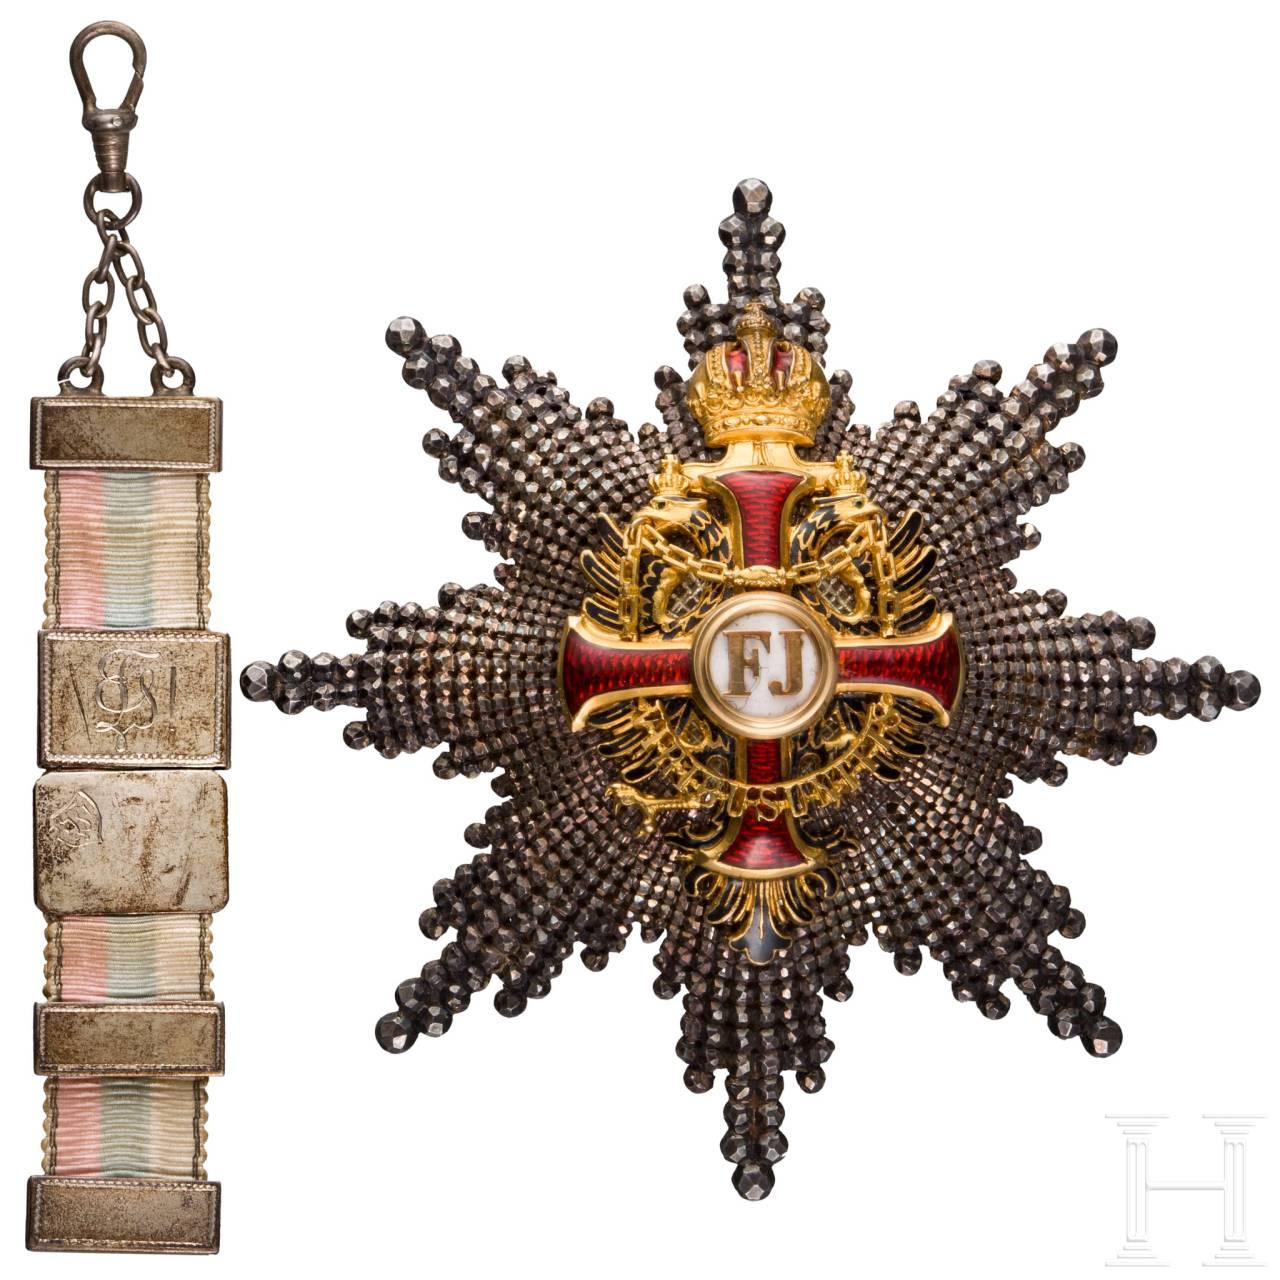 Dr. Otto von Niedner (personal physician of Kaiser Wilhelm II.) - Imperial Austrian Order of Franz Joseph